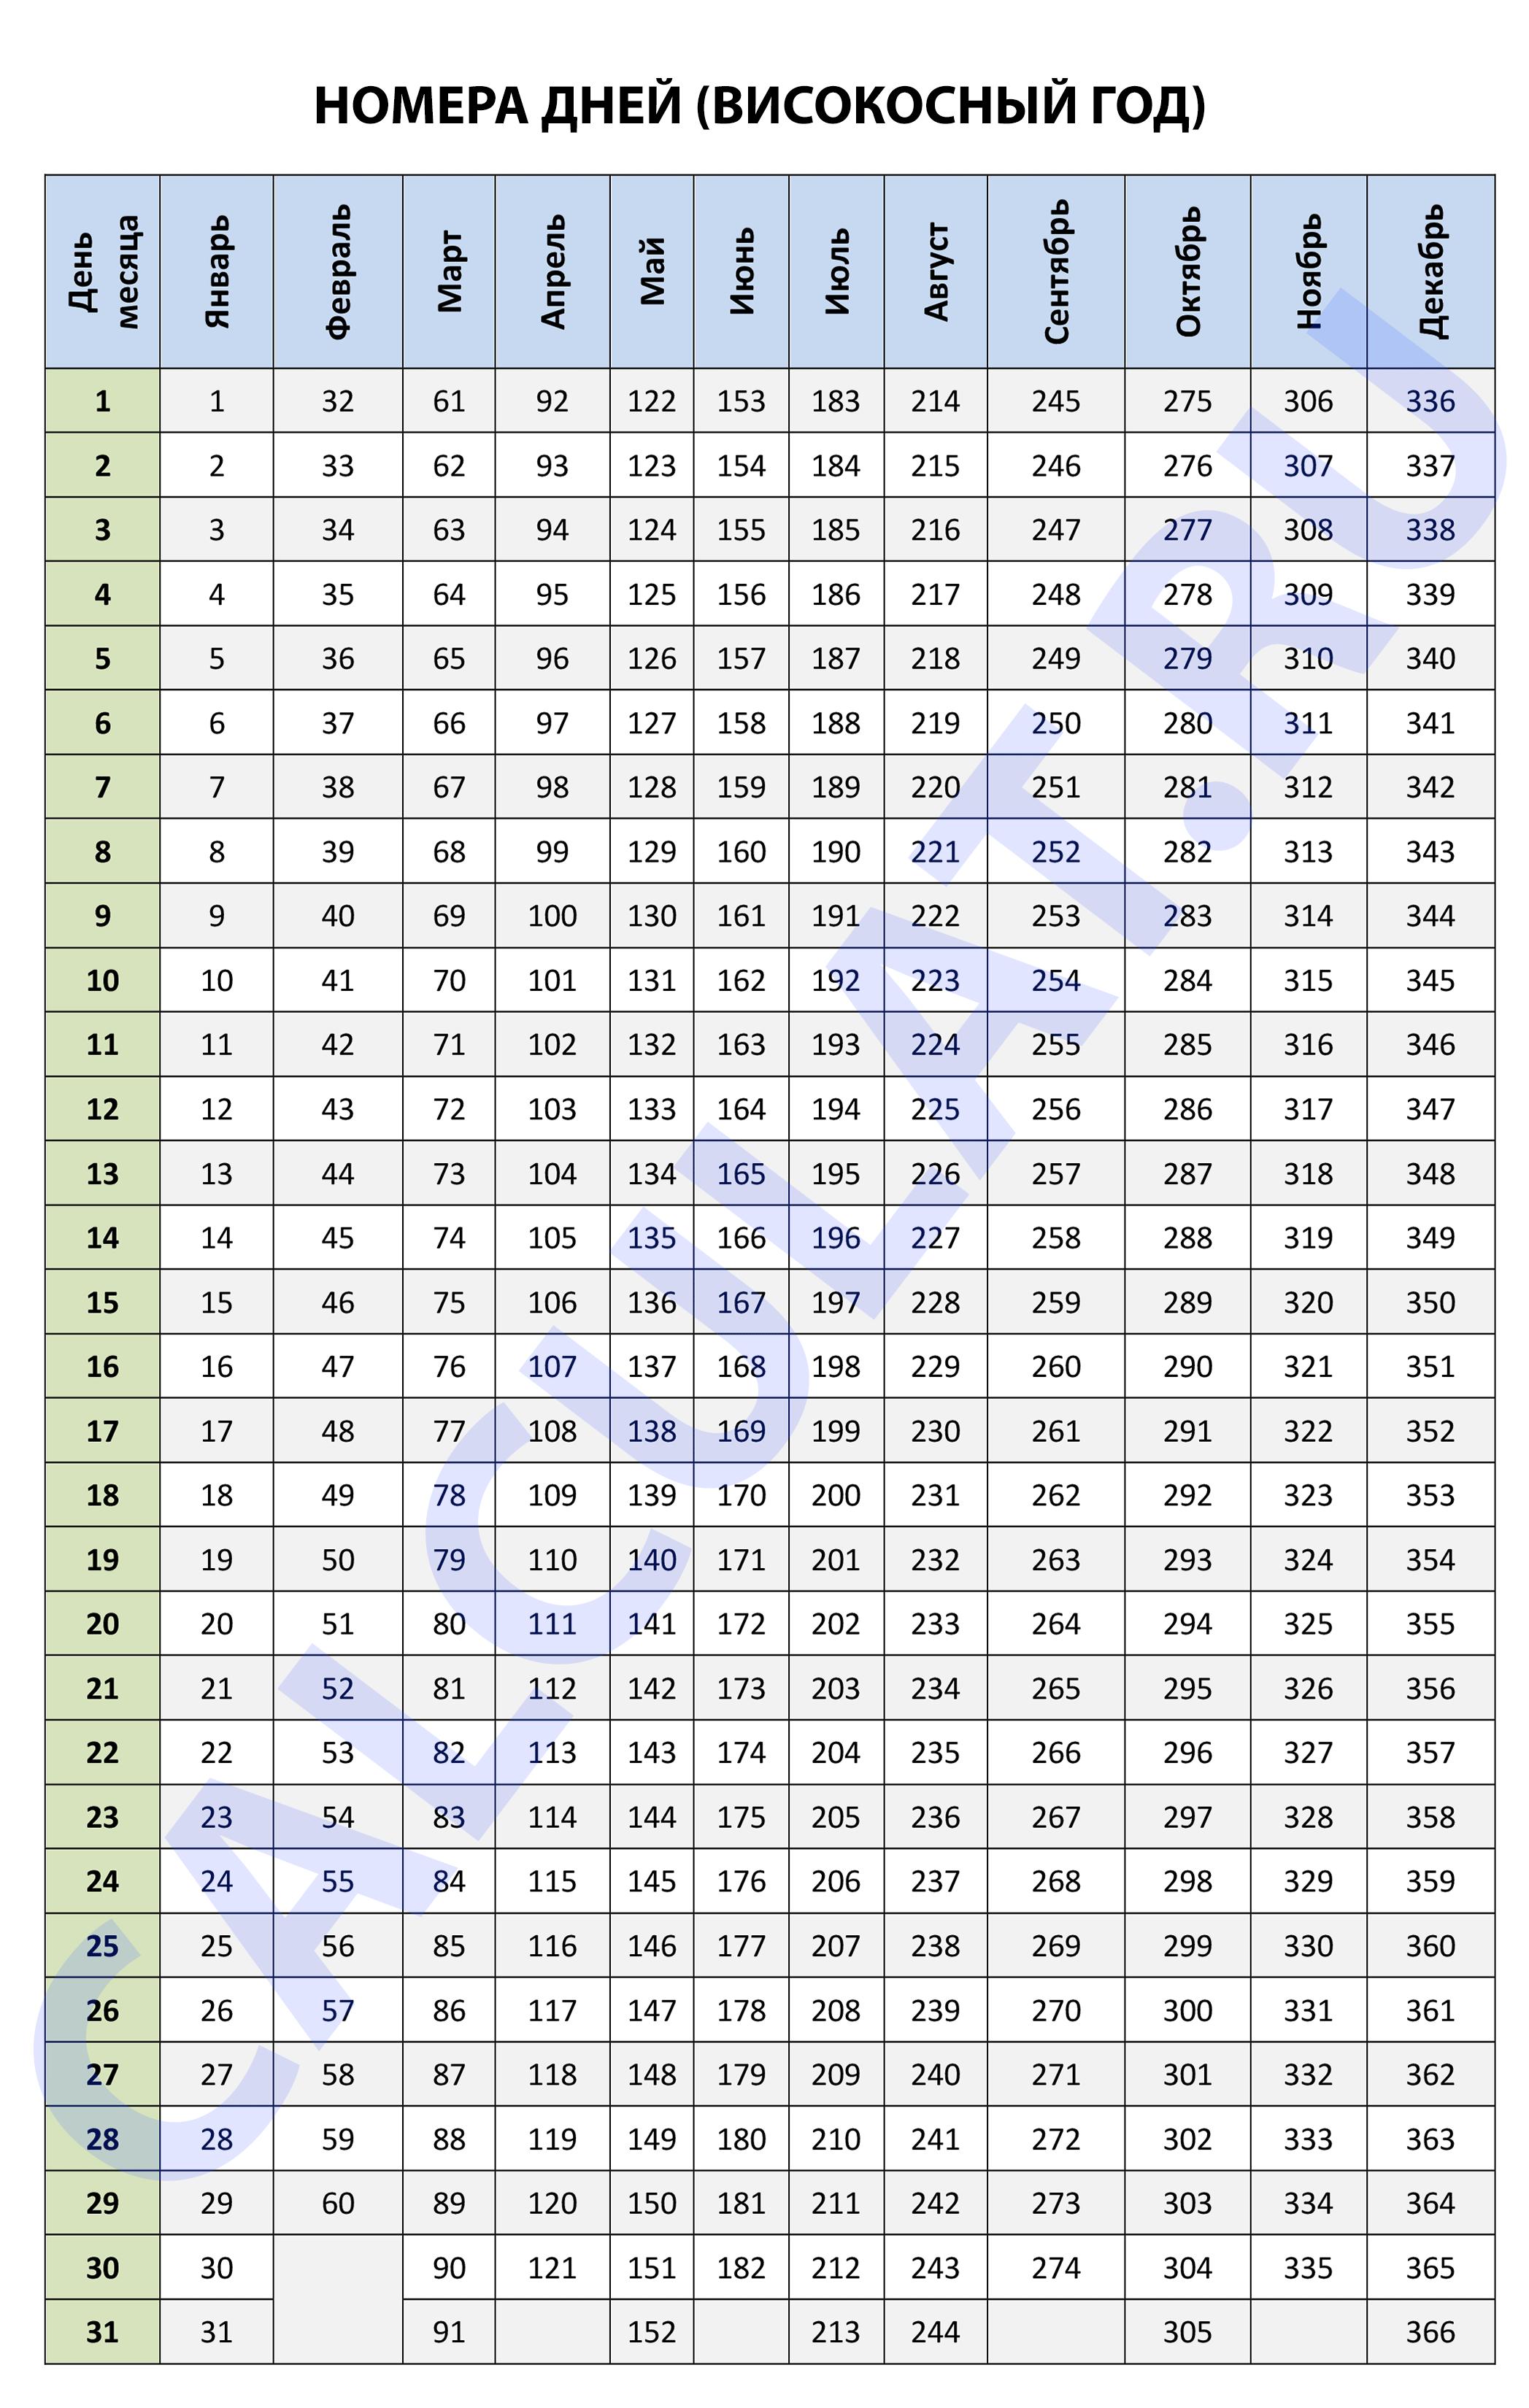 Упражнения на гибкость выполняются по 8-16 циклов движений в серии